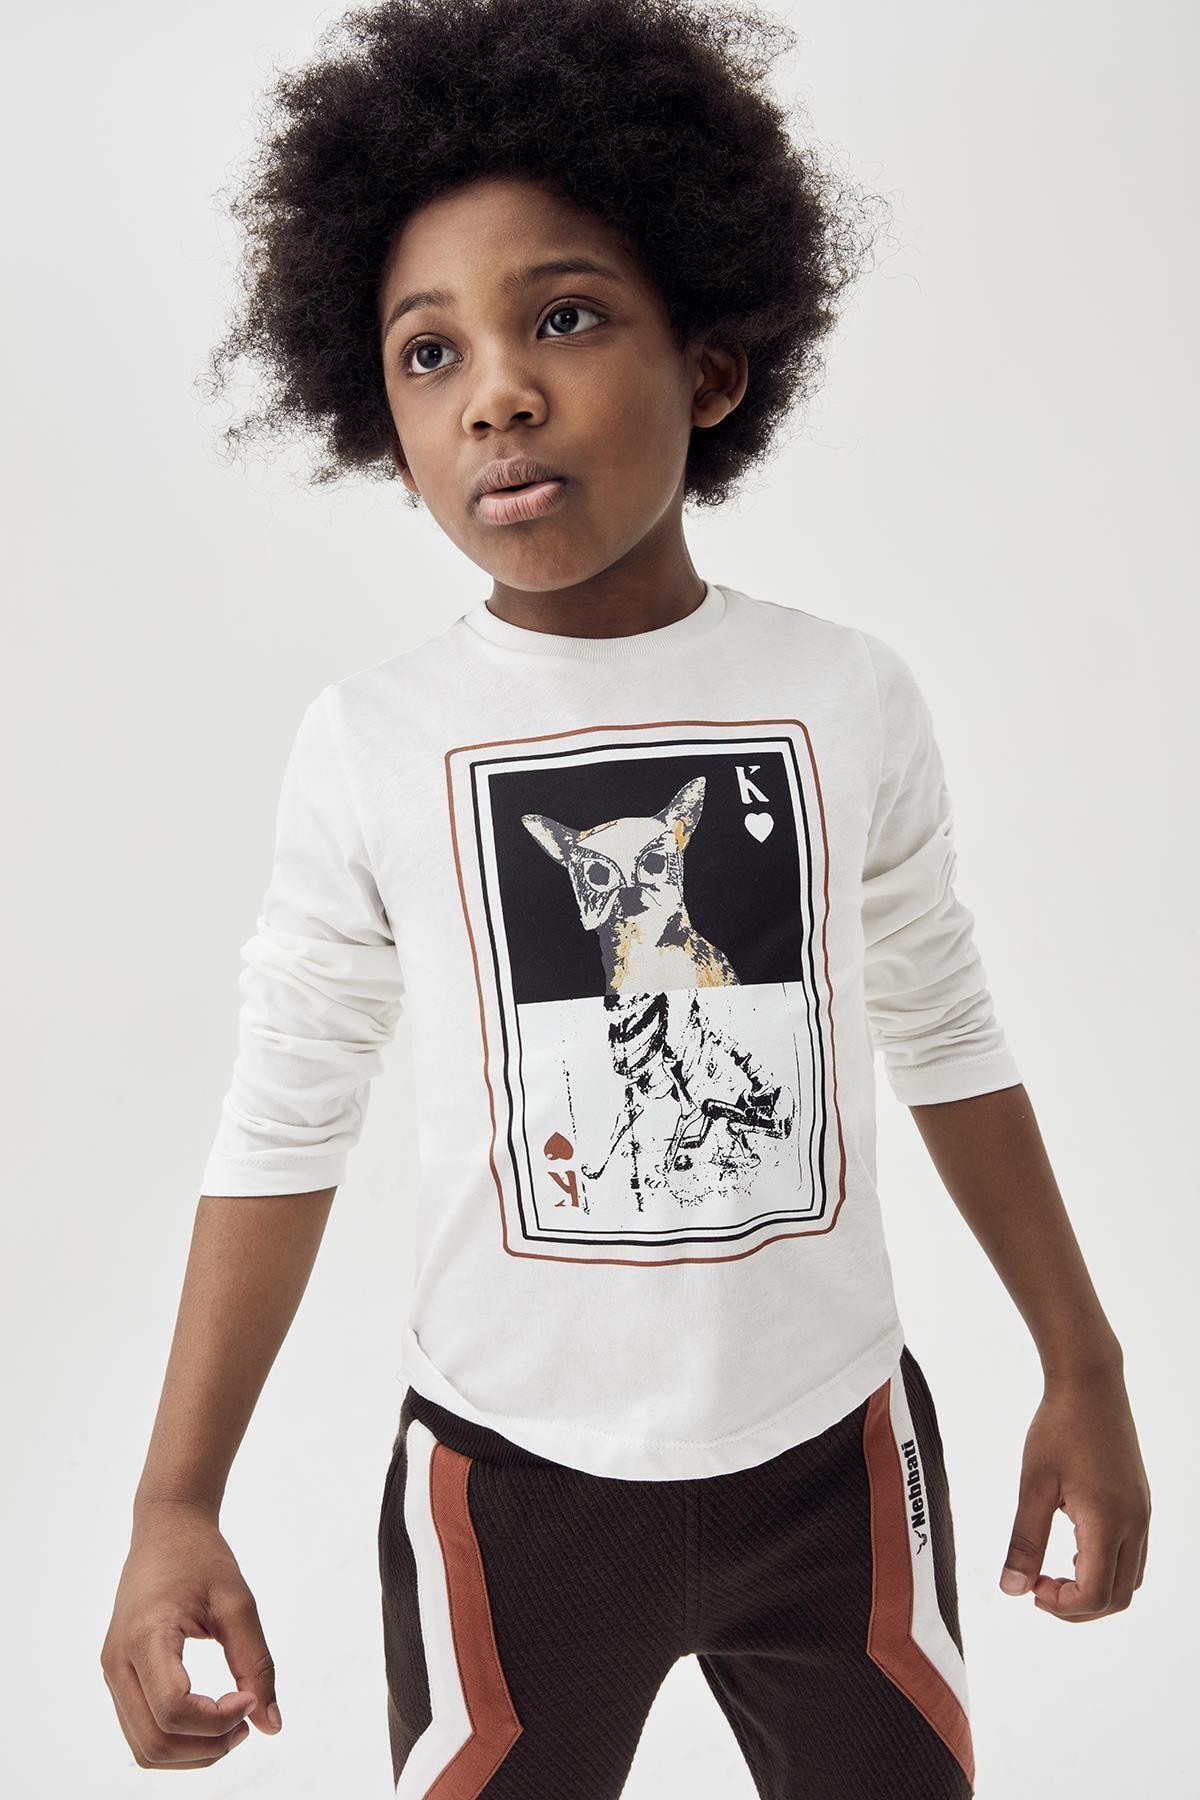 Nebbati Erkek Çocuk Ekru T-shirt 20fw0nb3518 1